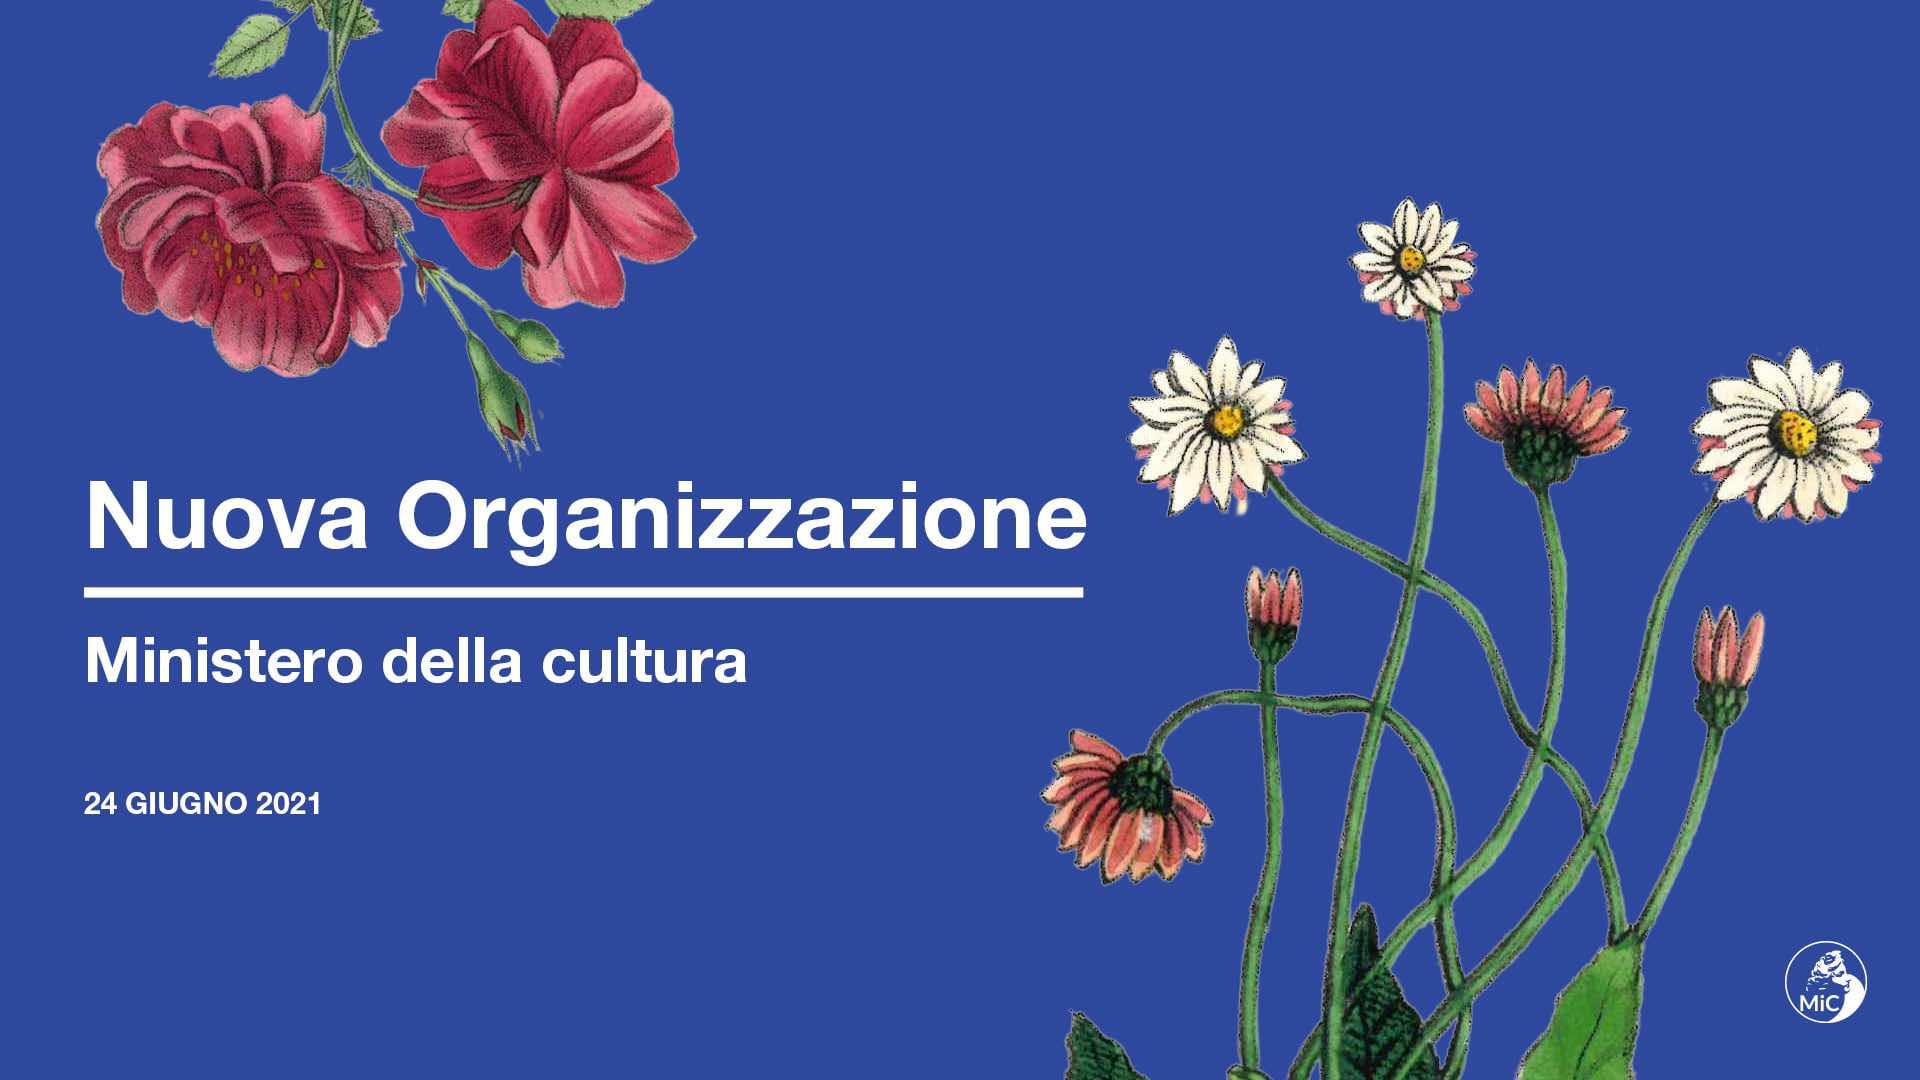 fiori-organizzazione-ministero-cultura